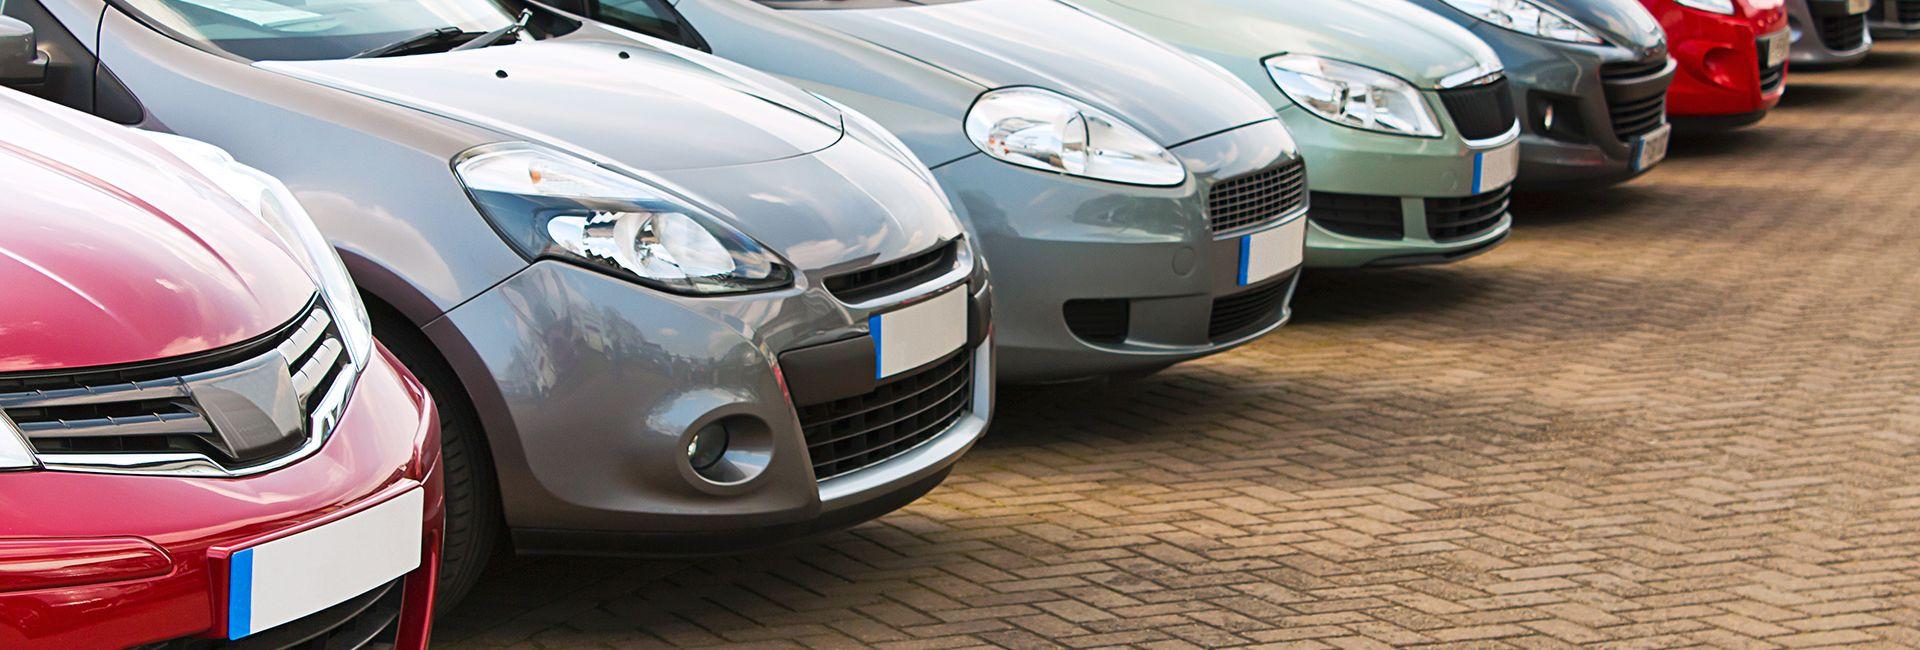 Top 8 địa điểm cho thuê xe ô tô uy tín tại Đà Nẵng